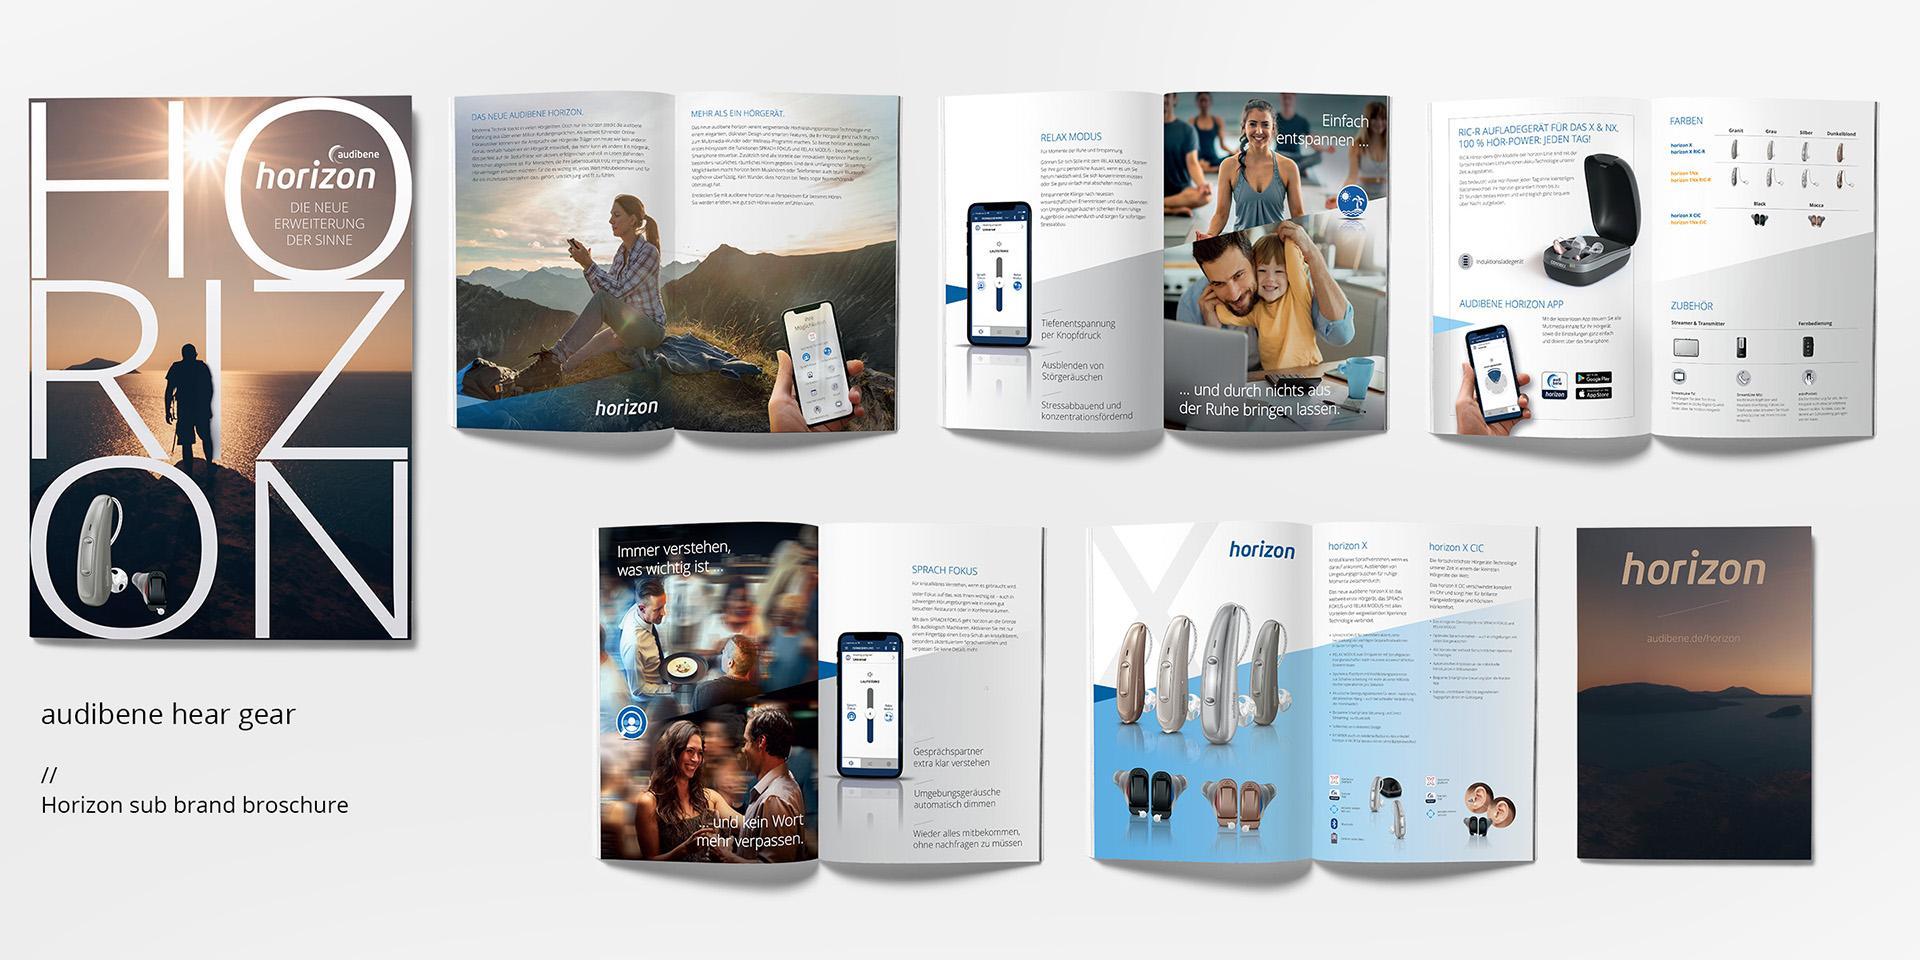 gfd ab brand broschure 11 werbeagentur werbung grafik print Kreativ agentur muenchen full service 360 marketing